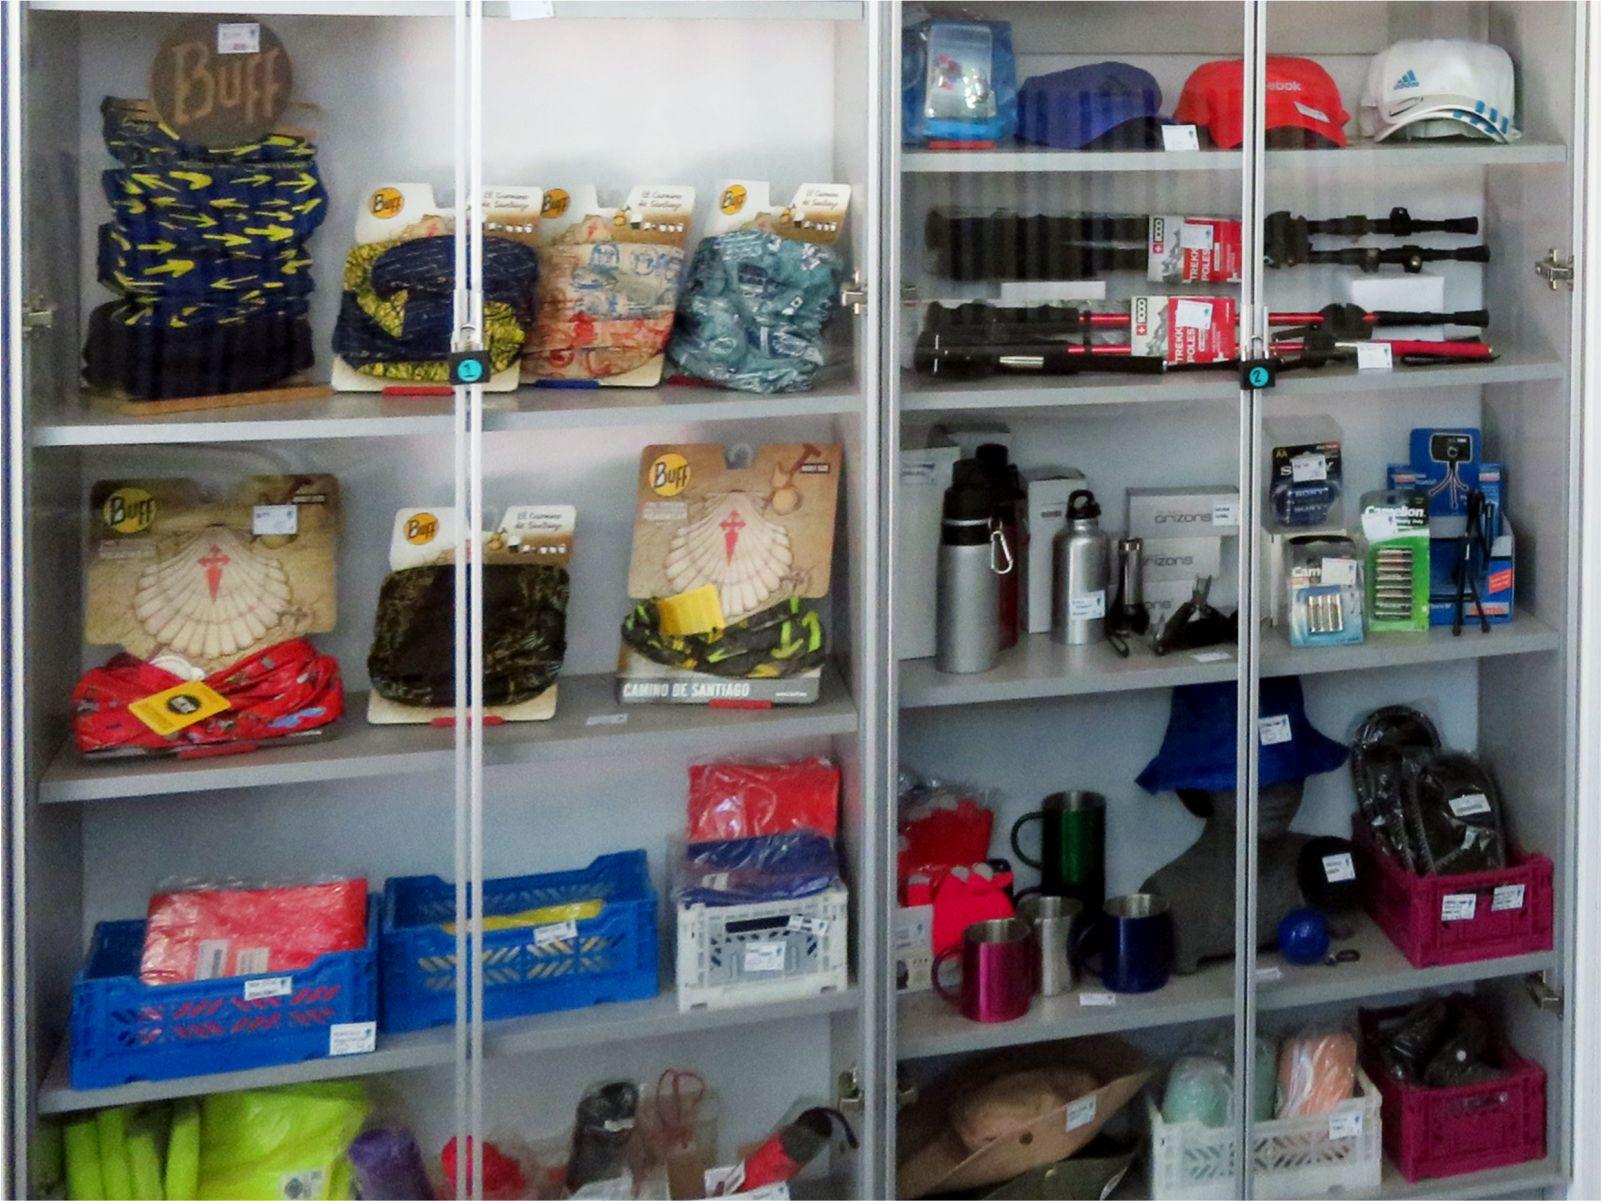 Tienda - Shop - Albergue Corredoiras